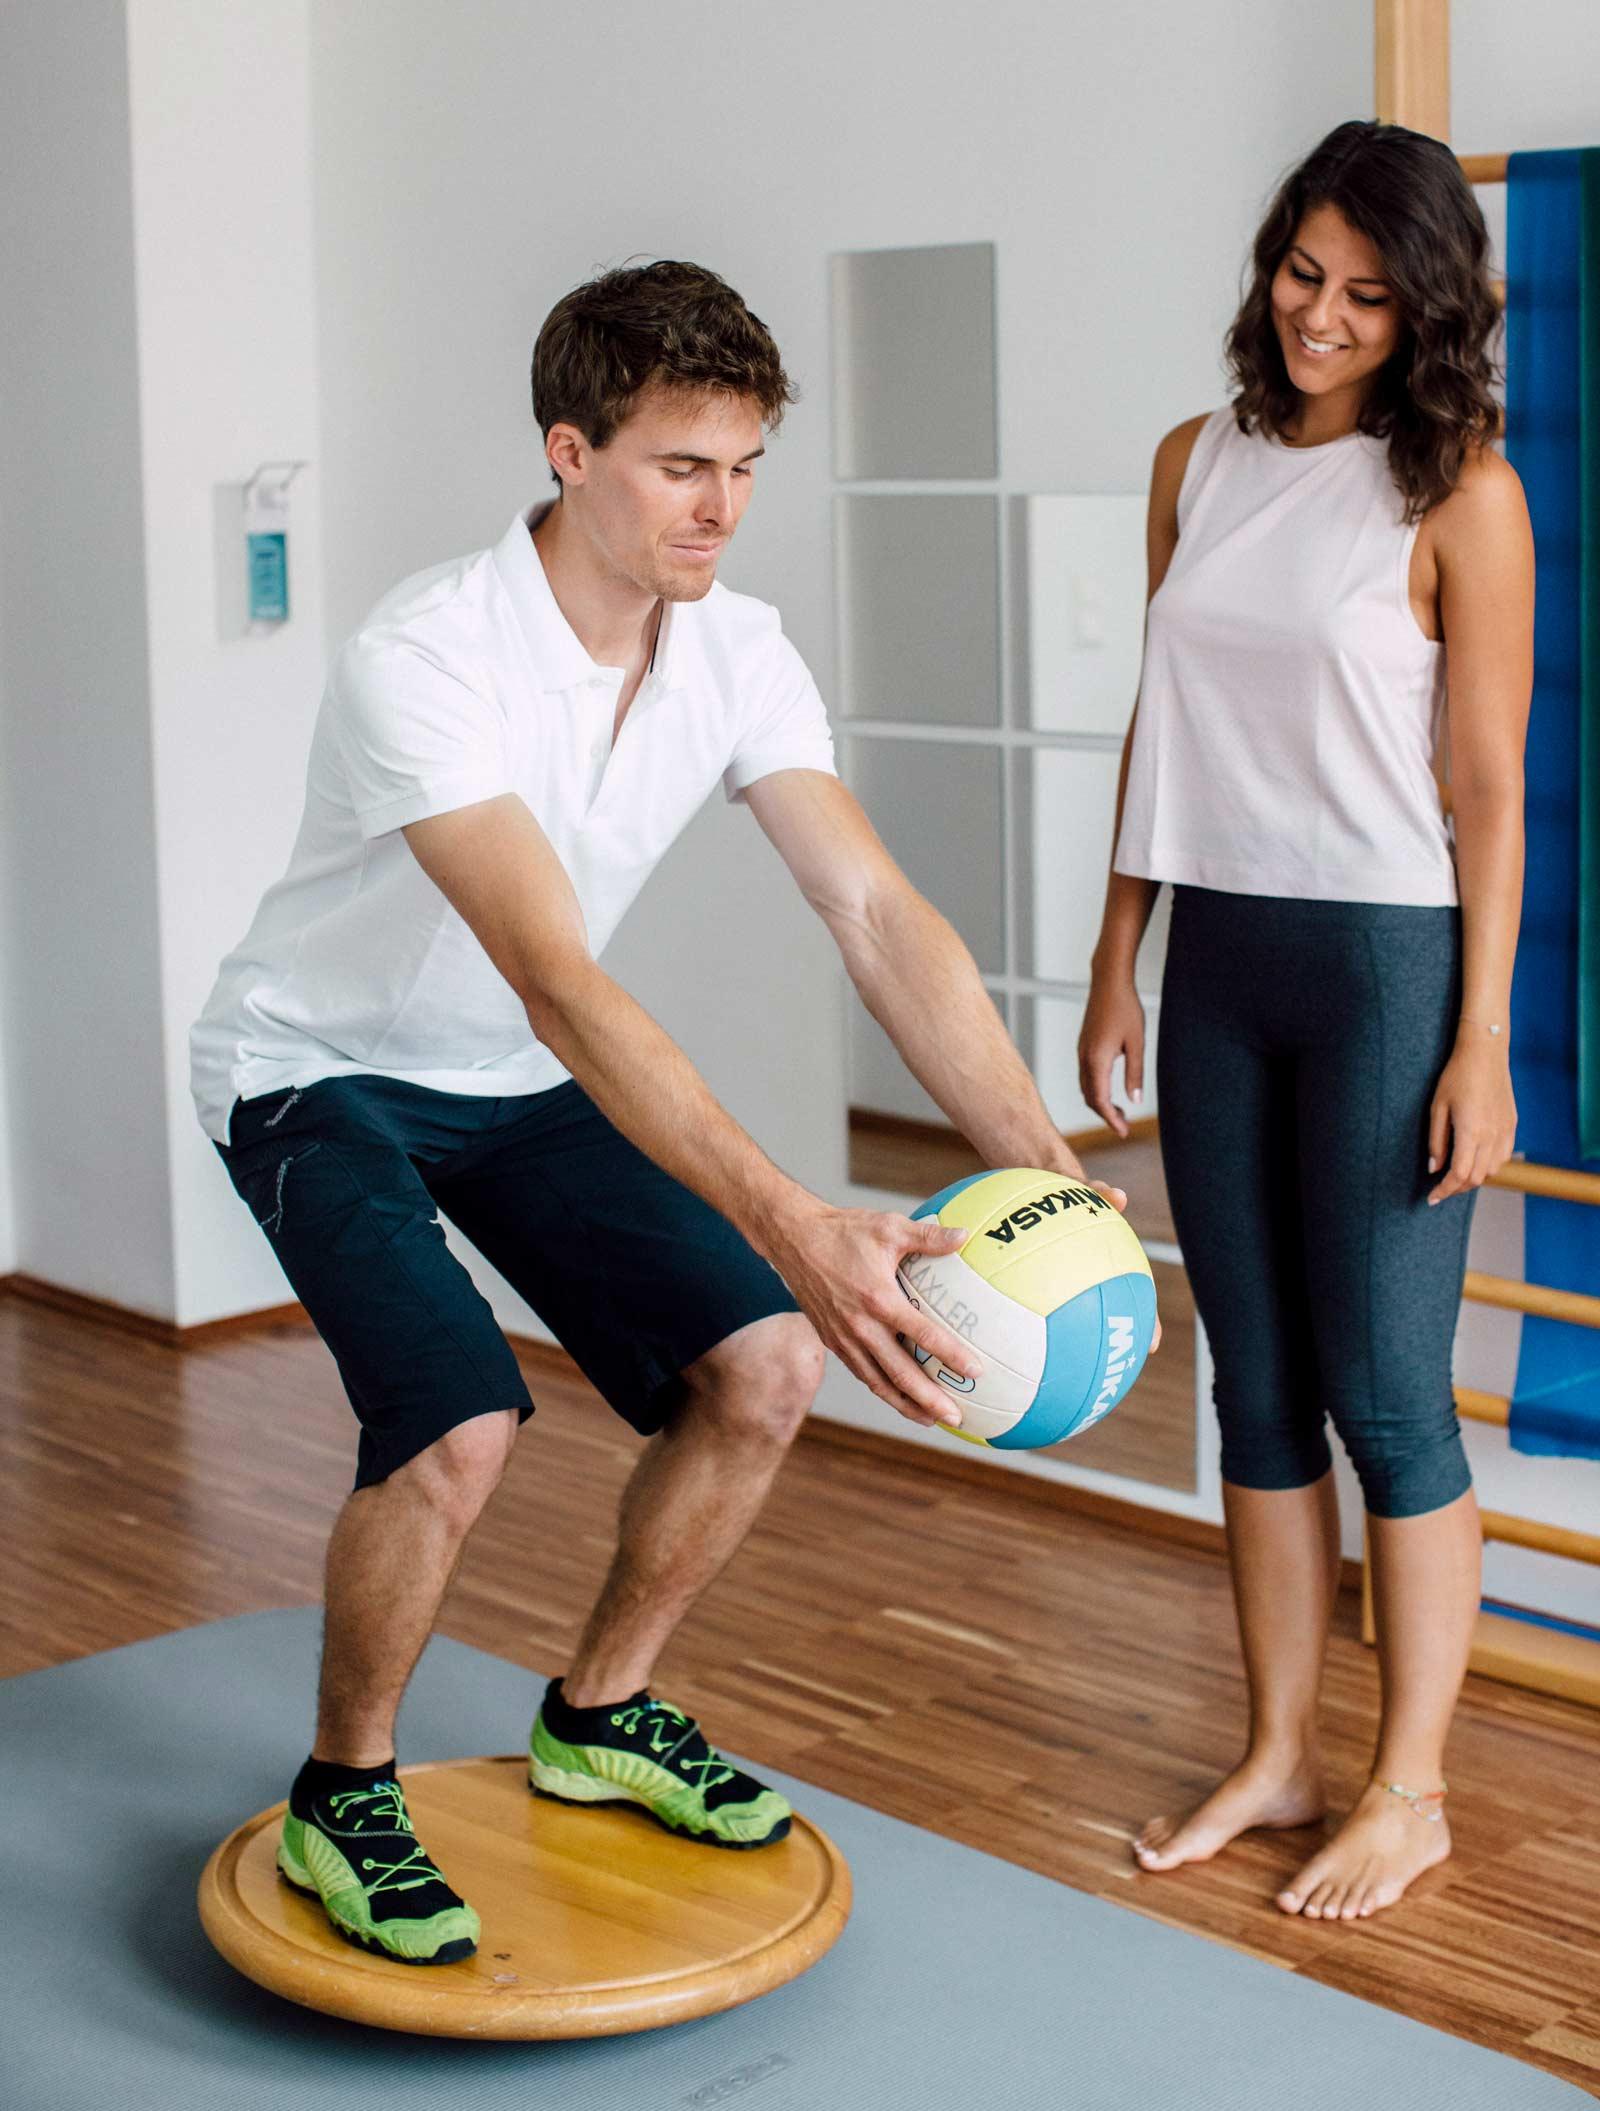 Tiefenstabilisation, Trainingstherapie und Betreuung bei der Rückkehr in den Sport